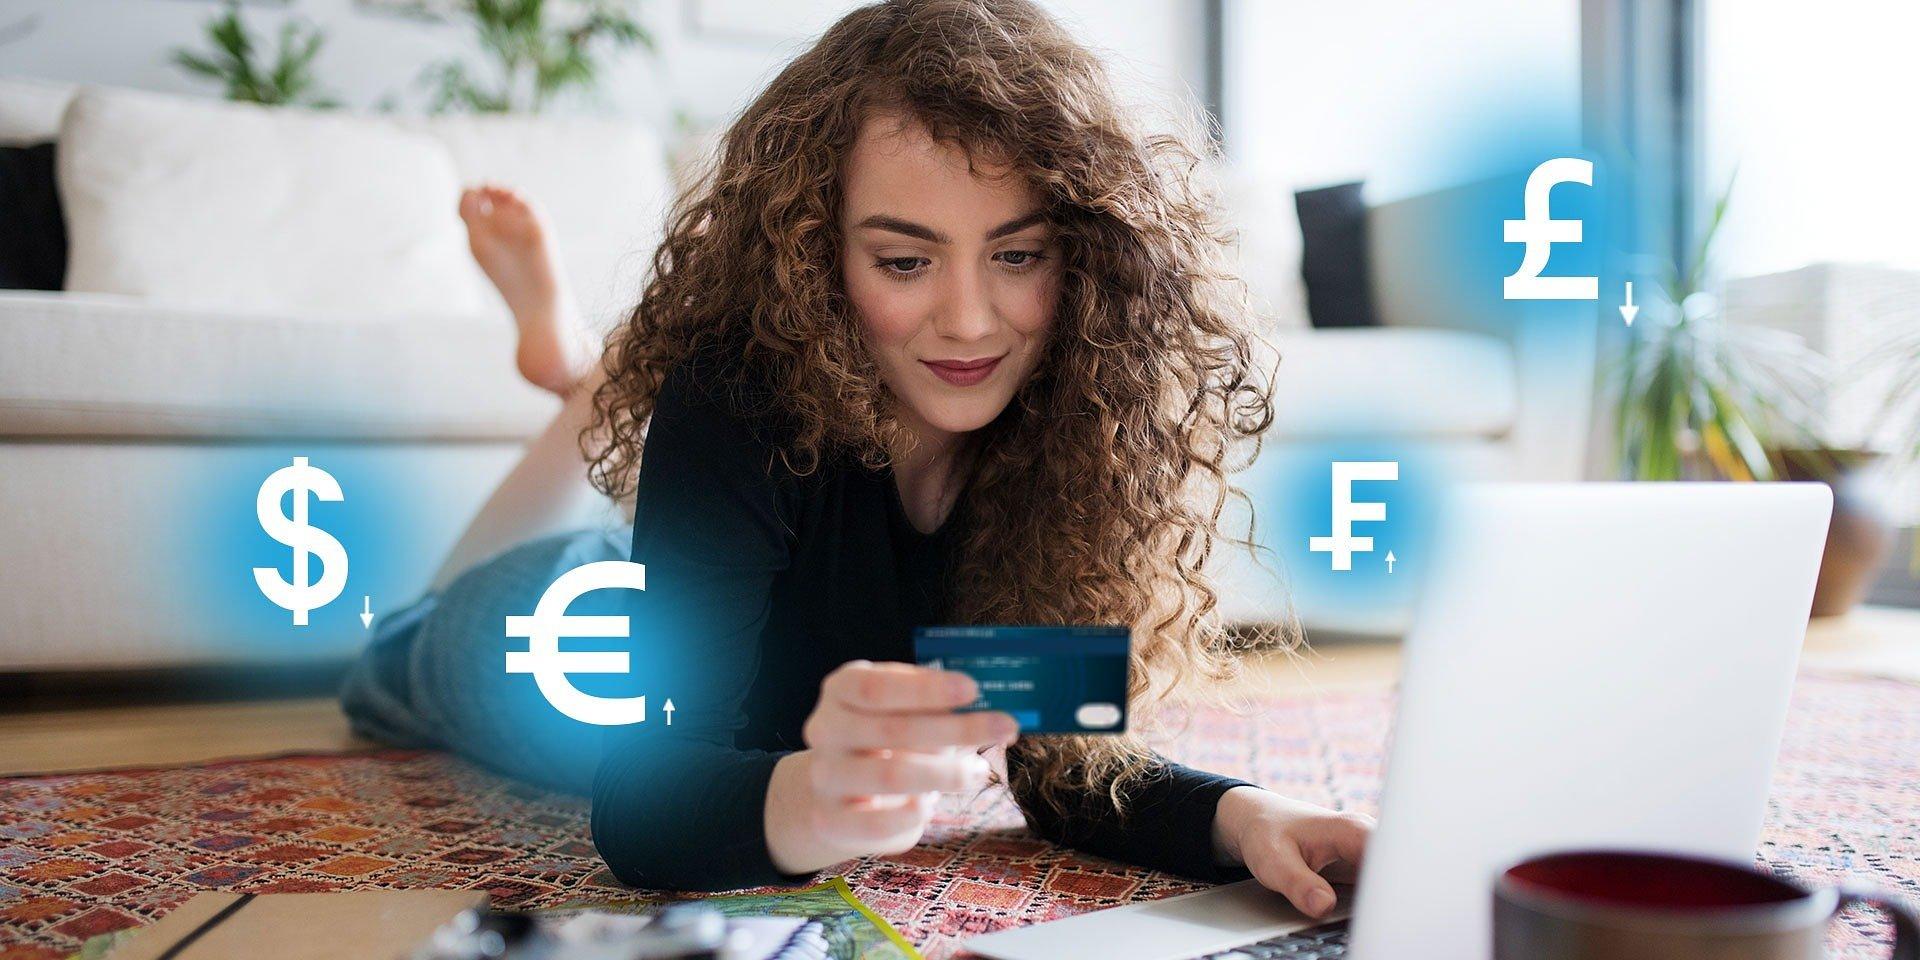 Płatność kartą w Internecie - zakupy w zagranicznych e-sklepach